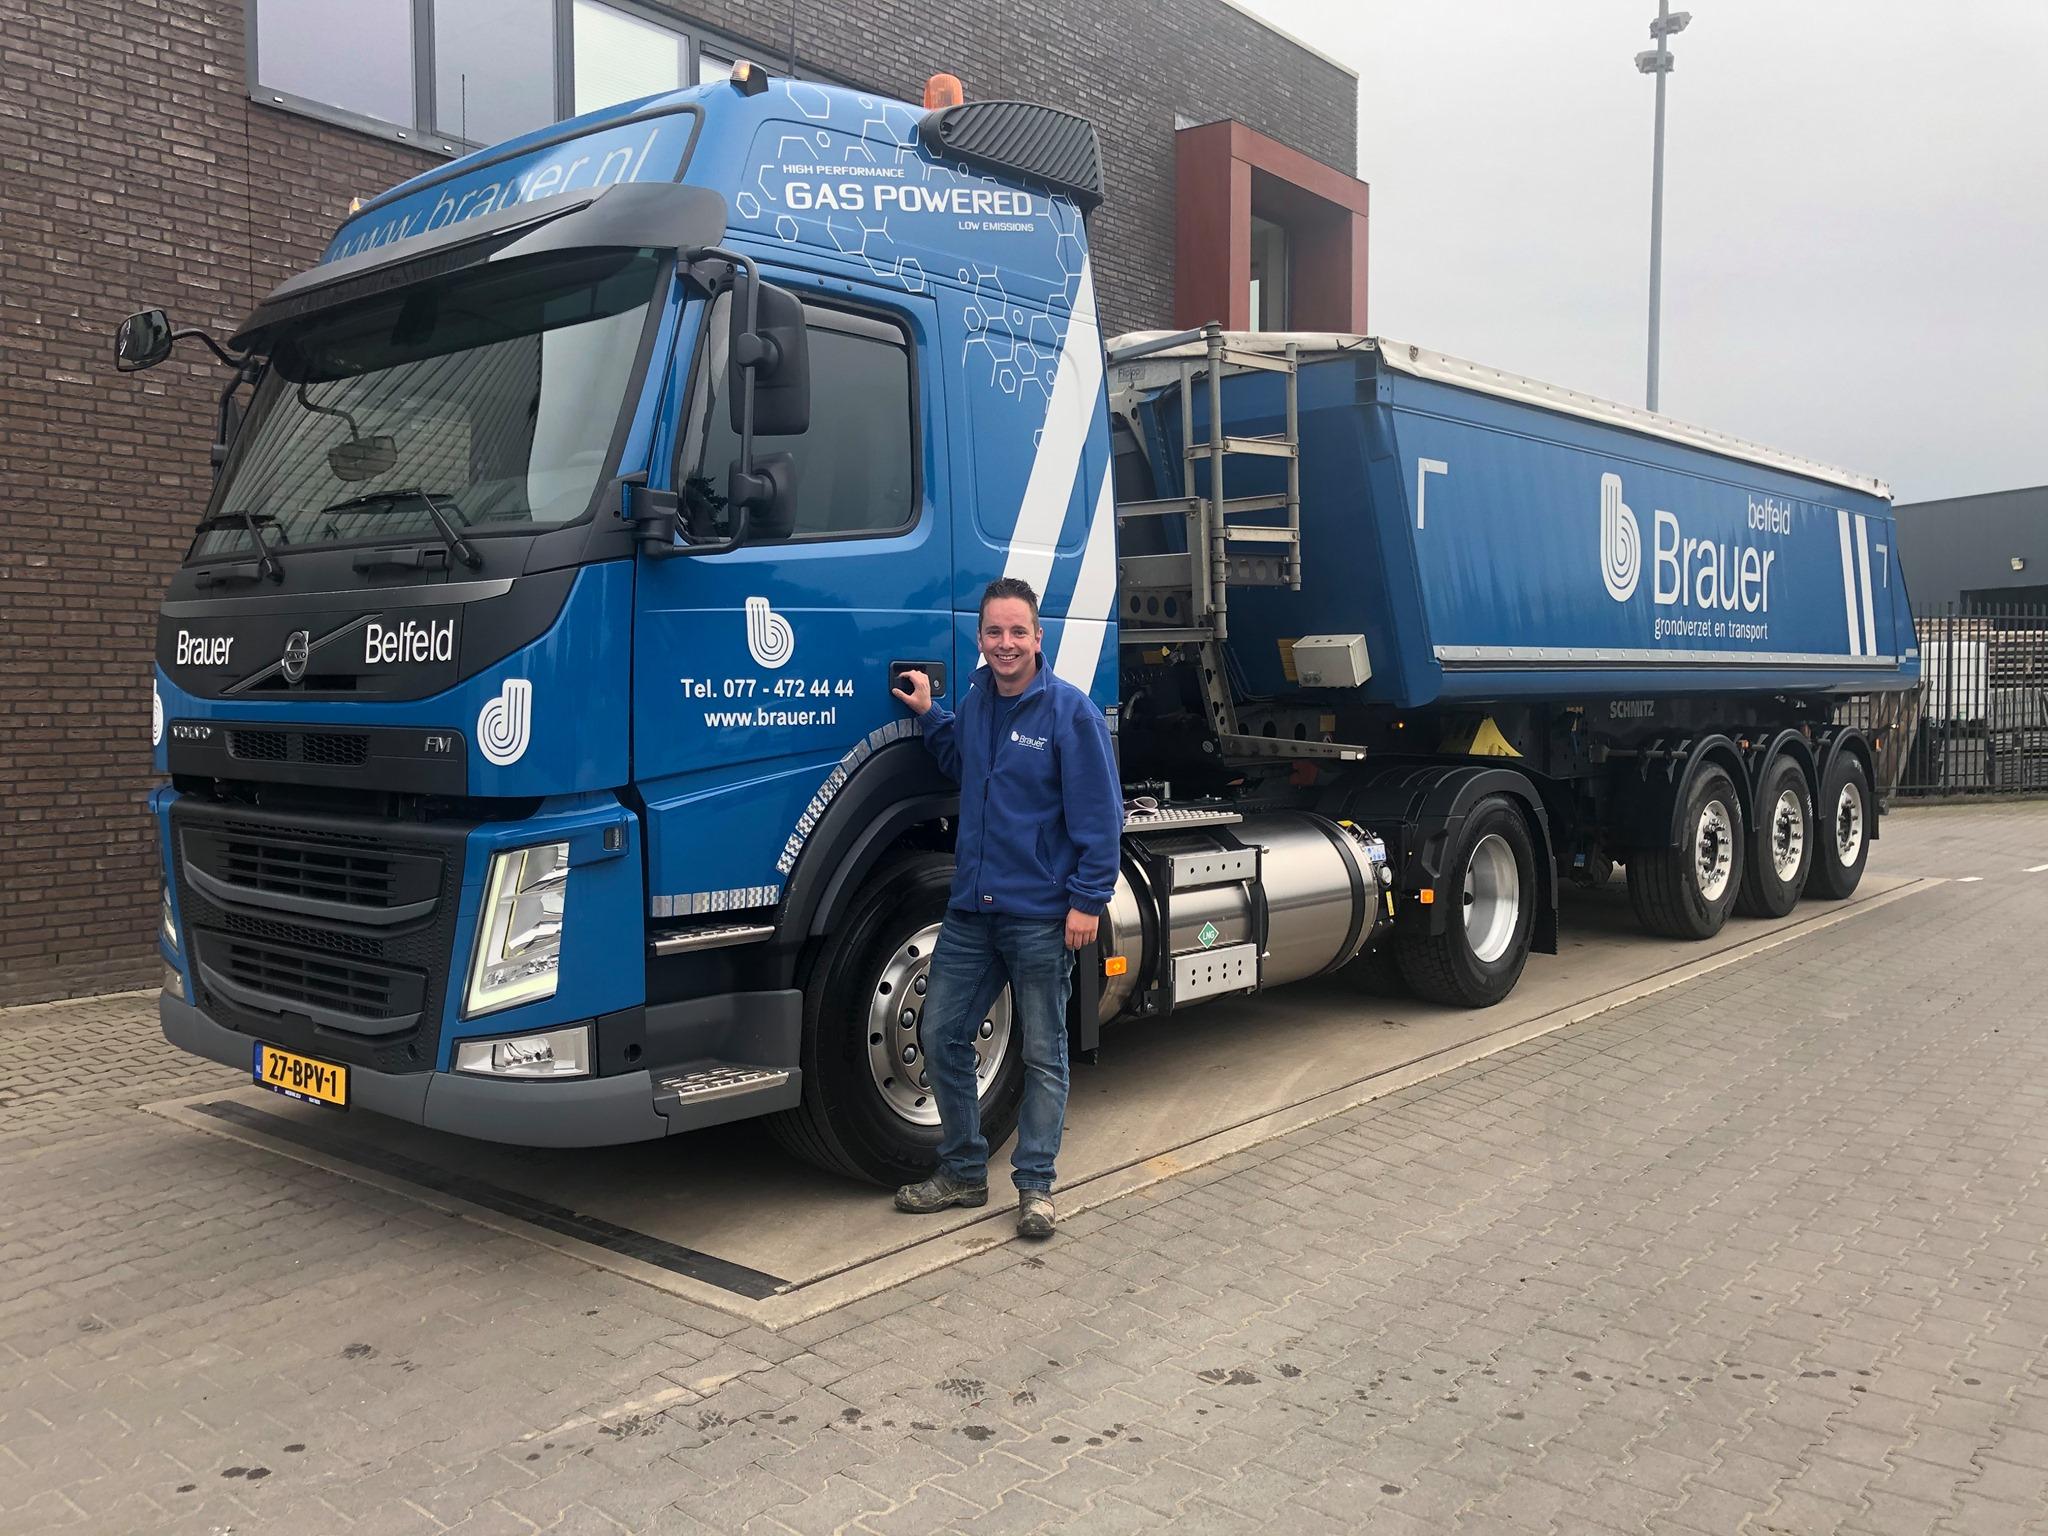 Wij-hebben-de-4e-Volvo-FM-LNG-vrachtwagen-in-gebruik-genomen--Wij-wensen-Roy-veel-veilige-kilometers-toe--5-10-2020-